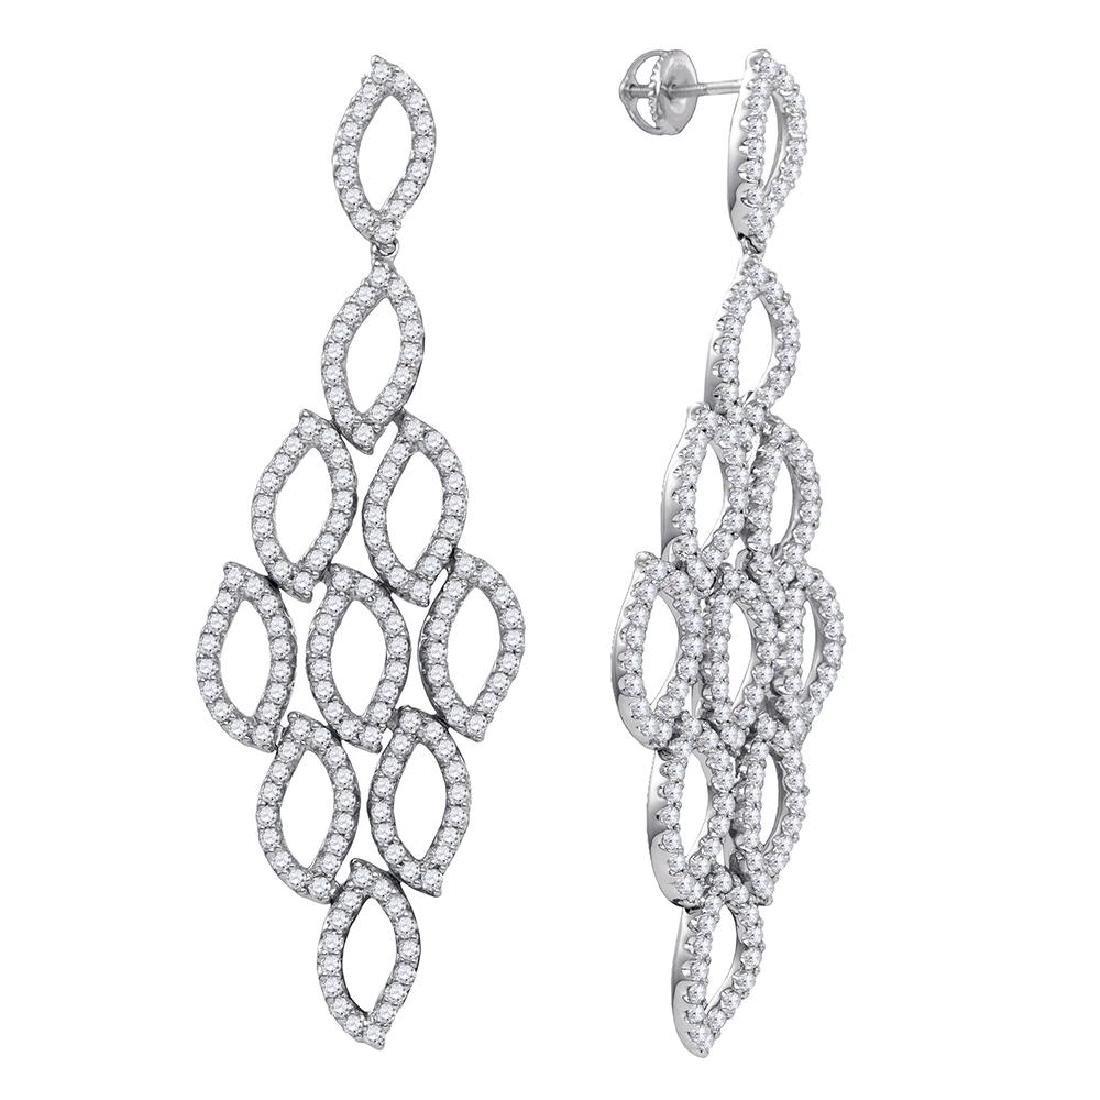 4.76 CTW Diamond Luxury Dangle Screwback Earrings 14KT